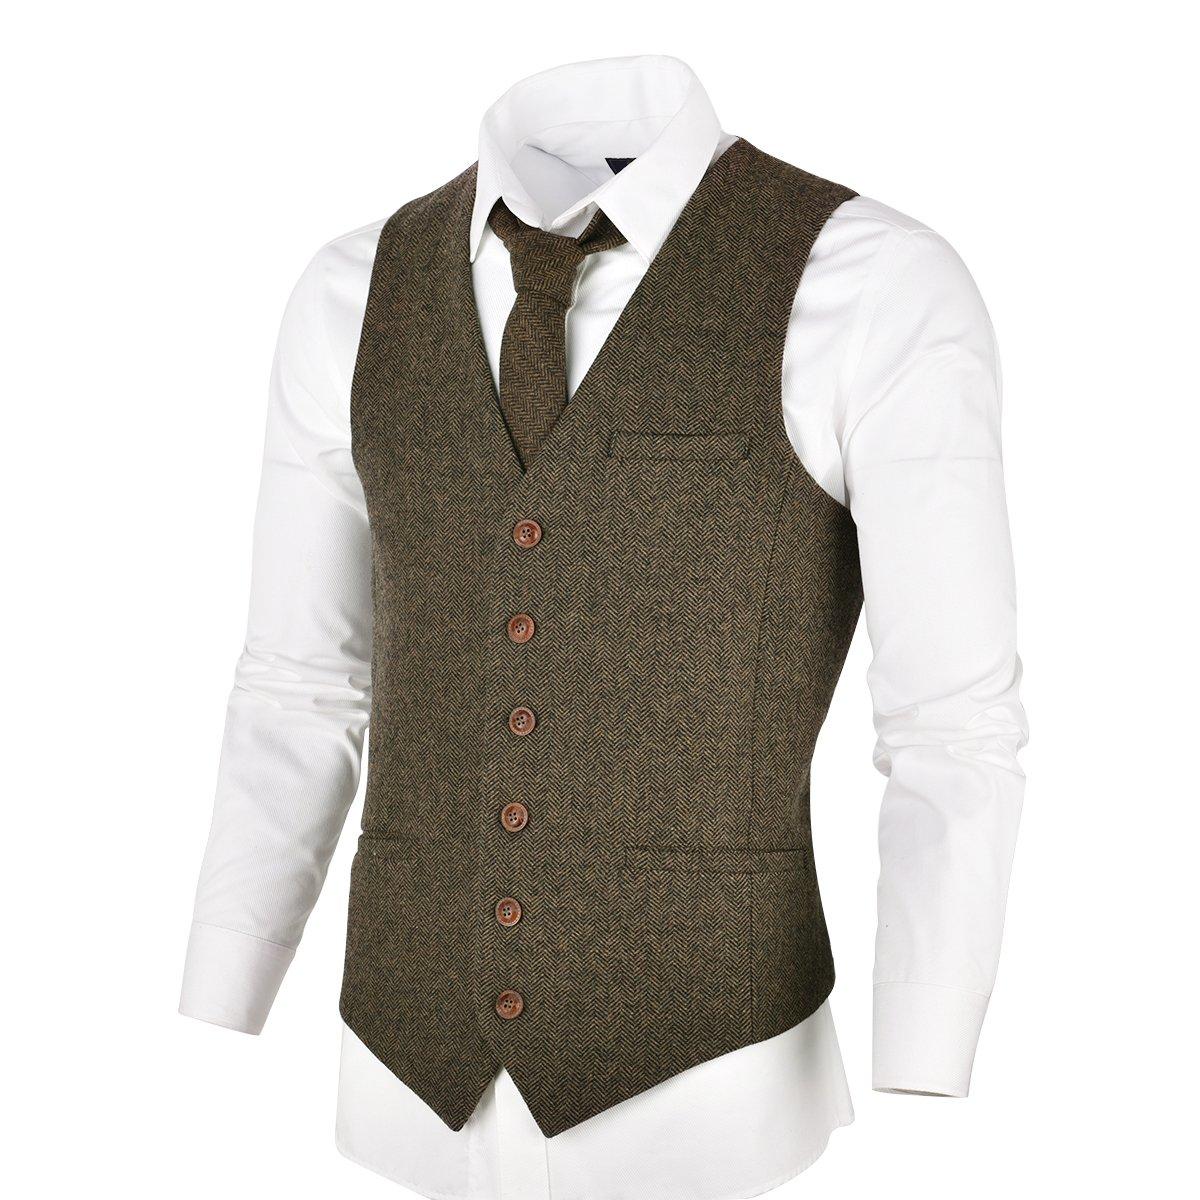 VOBOOM Men's Slim Fit Herringbone Tweed Suits Vest Premium Wool Blend Waistcoat (Khaki, L)